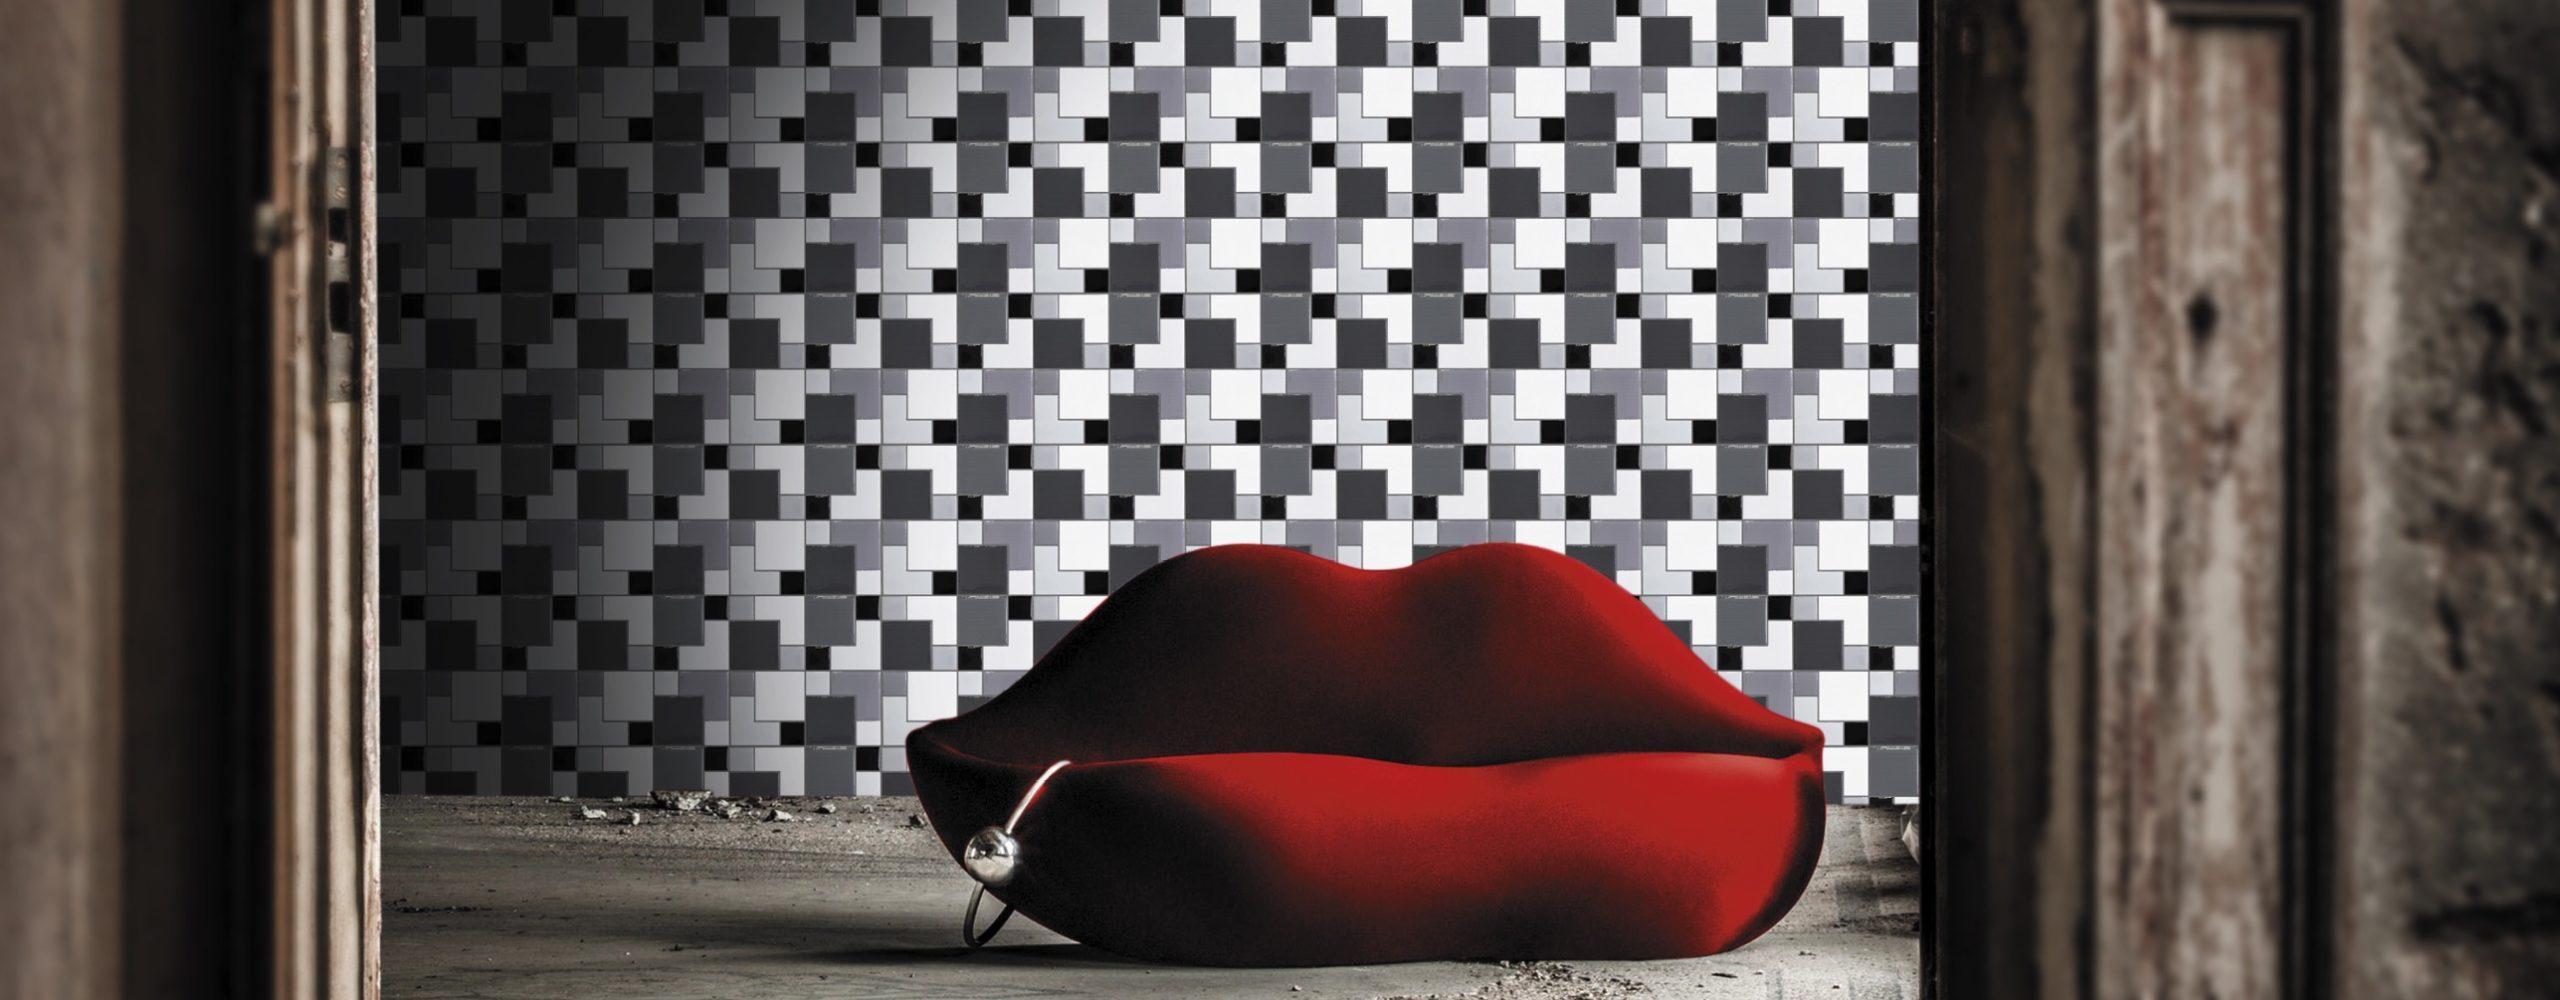 עיצוב קיר חדר שינה